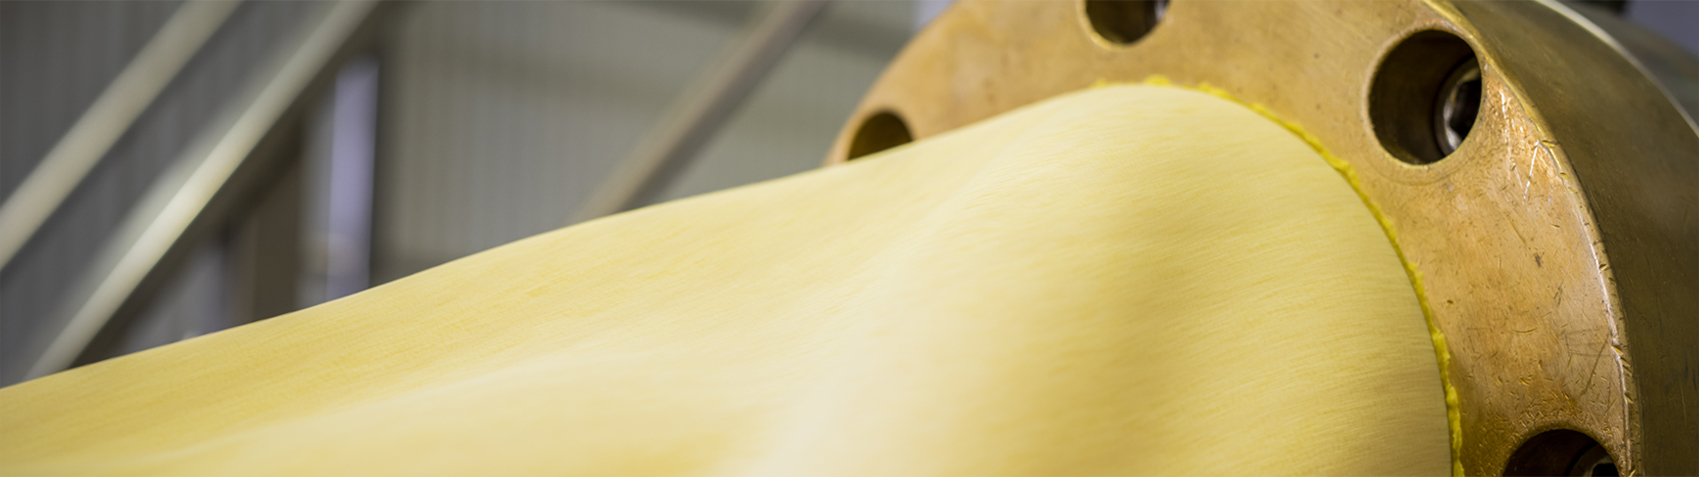 Pasta di Campofilone IGP | Pastificio Marcozzi di Campofilone | Trafilatura al bronzo